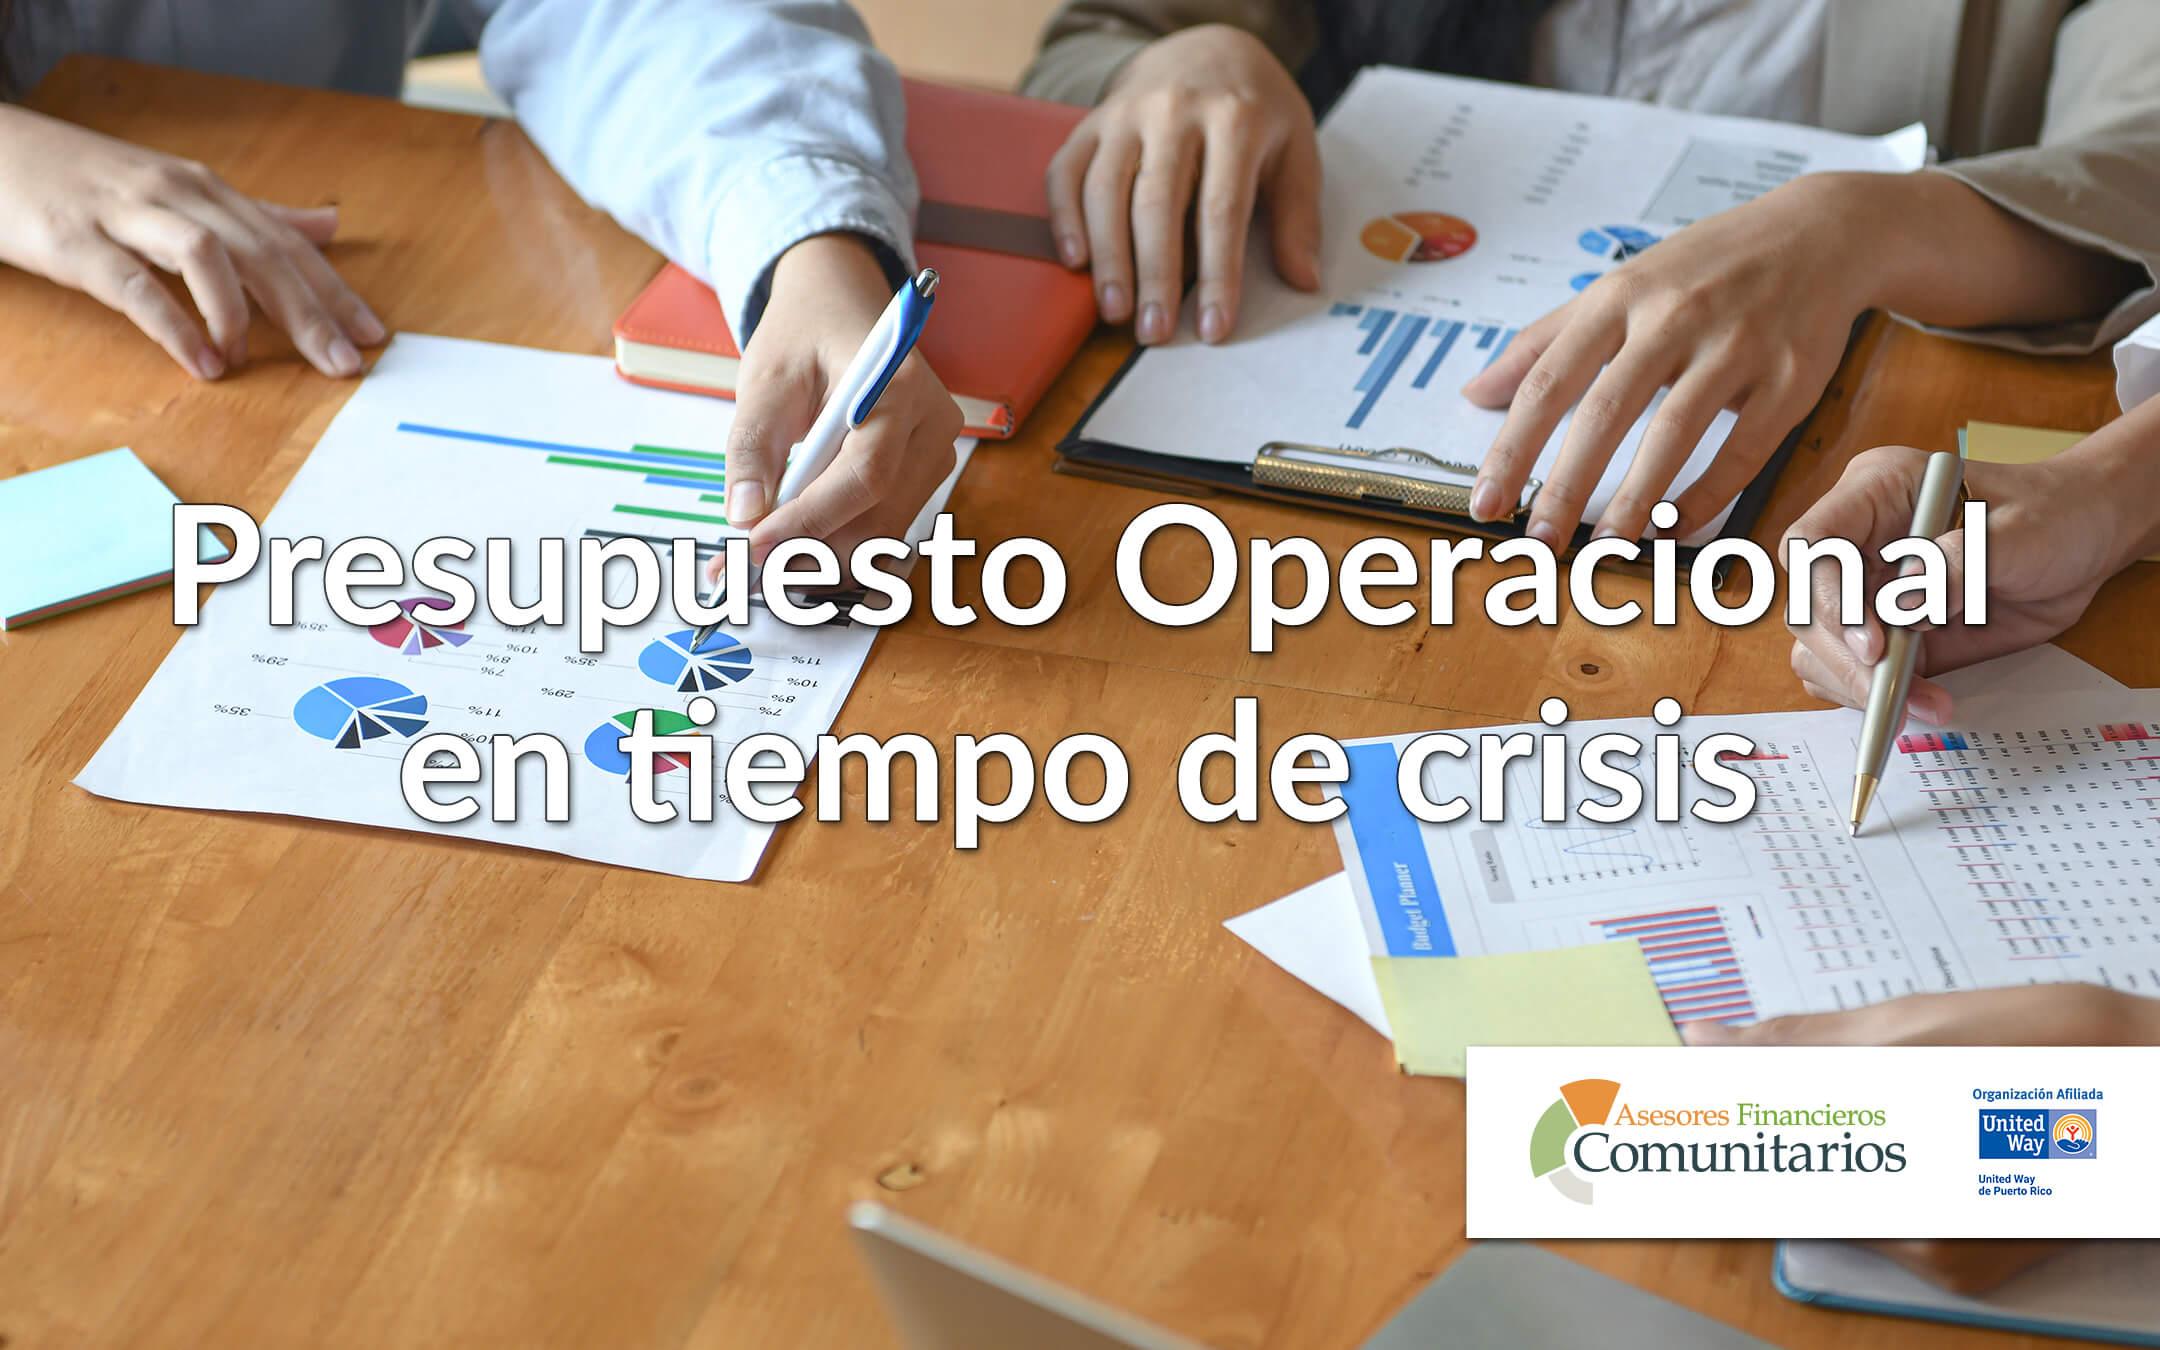 Presupuesto Operacional en tiempo de crisis